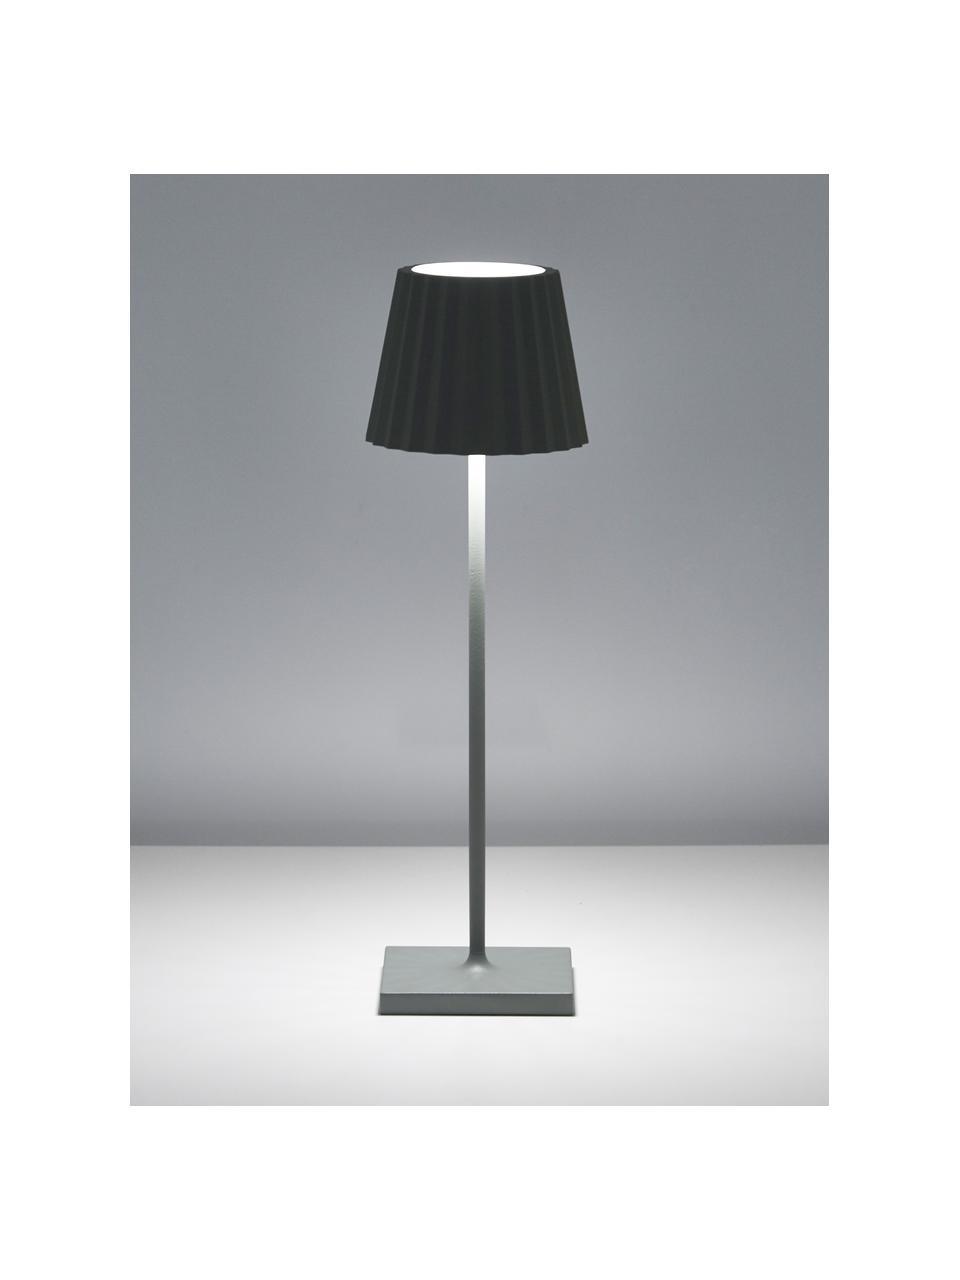 Mobile Dimmbare Außentischlampe Trellia, Lampenschirm: Aluminium, lackiert, Lampenfuß: Aluminium, lackiert, Grün, Ø 15 x H 38 cm